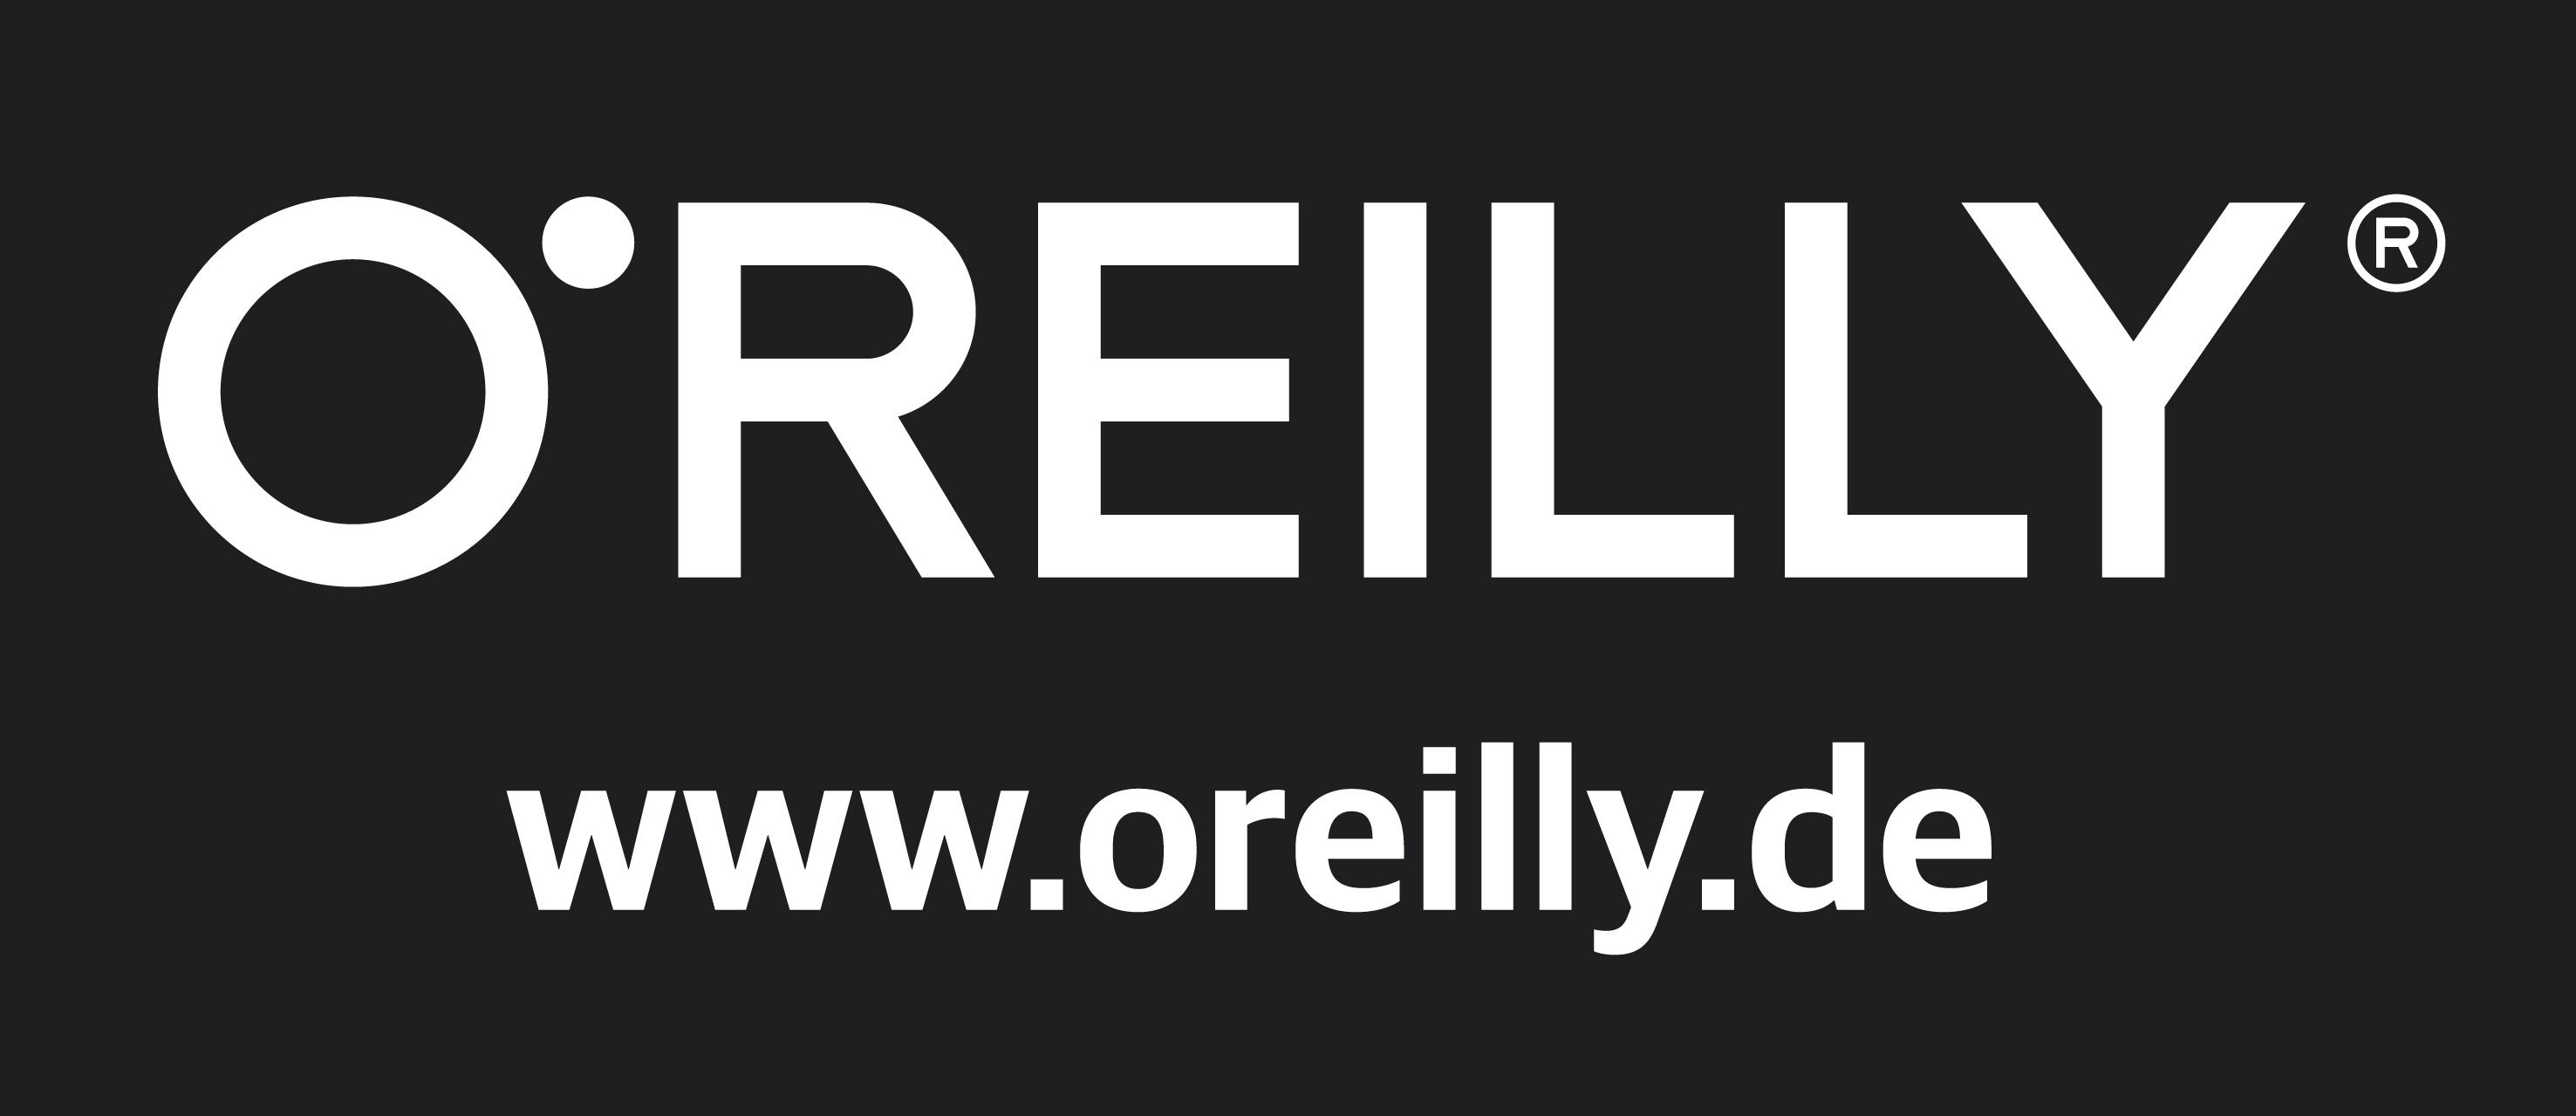 oreilly_logo_neu_schwarz_web